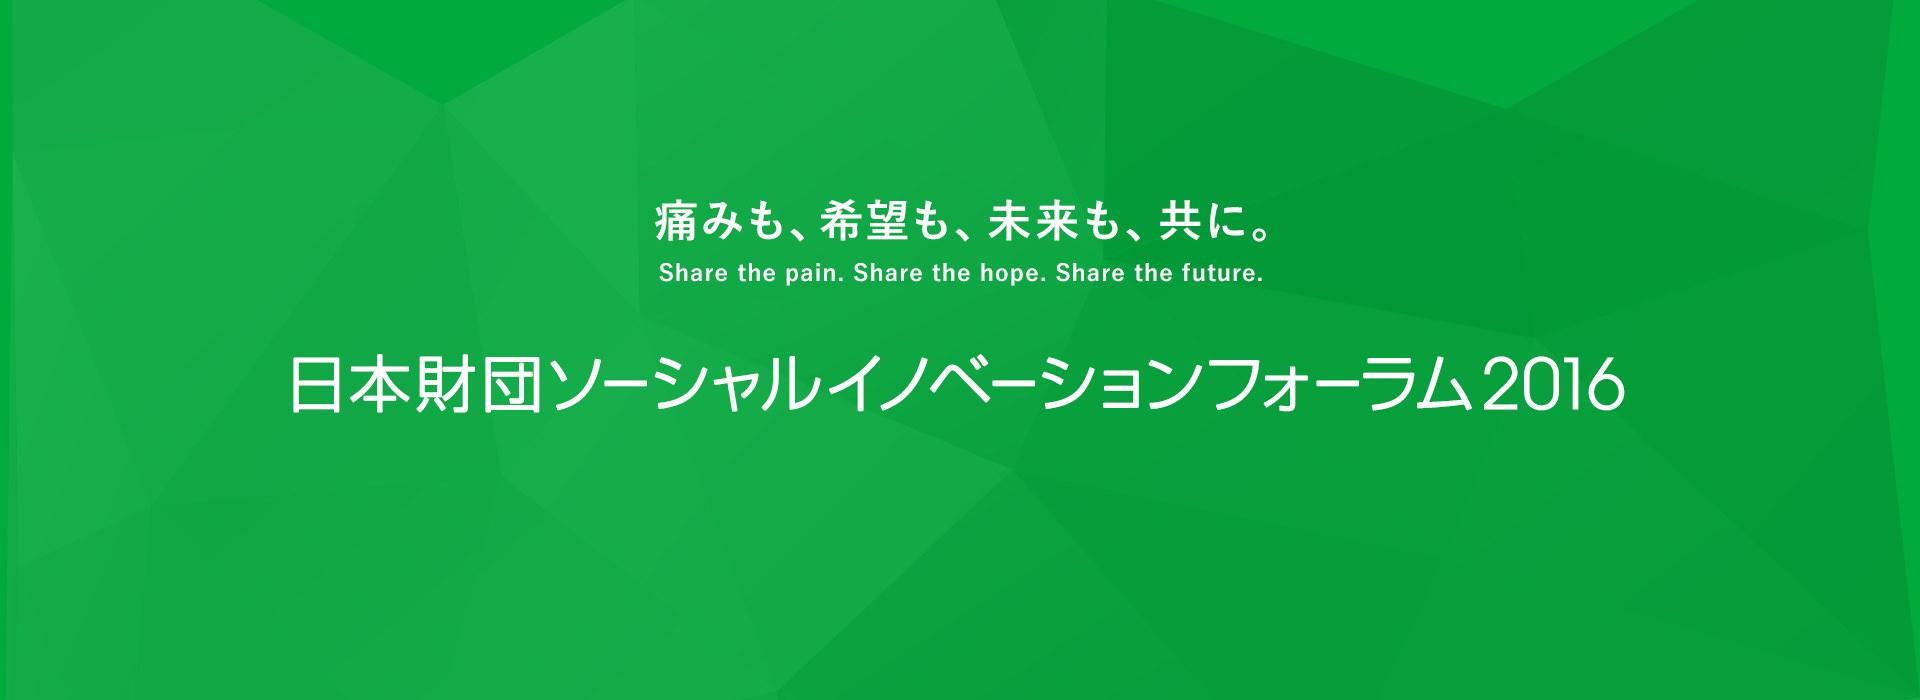 9月28〜30日「ソーシャルイノベーションフォーラム」に自伐協が登場